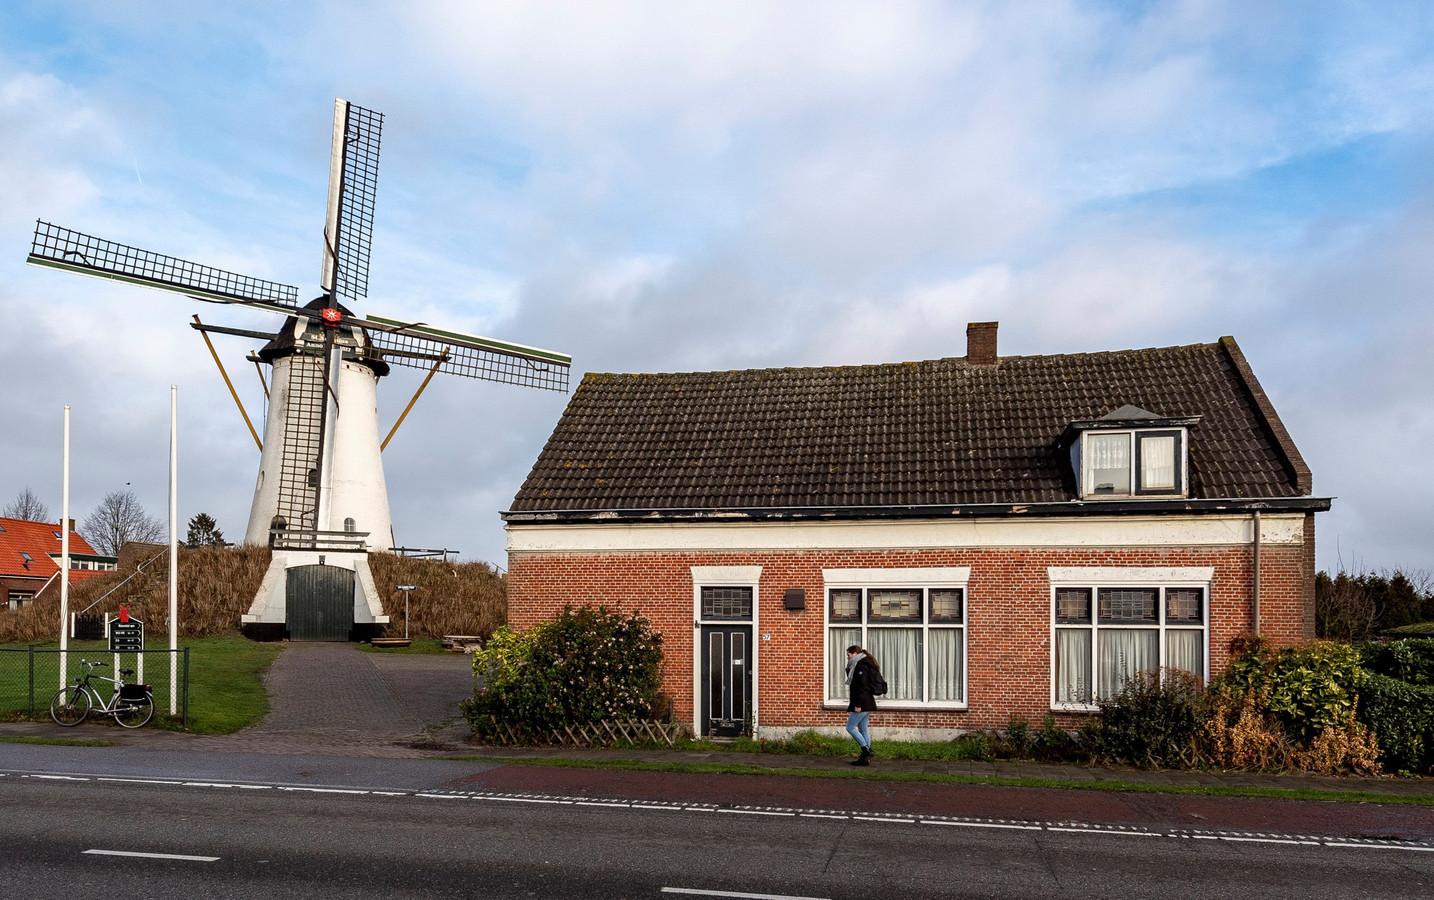 De Antoniusmolen in Halsteren zelf is een rijksmonument, bescherming staat buiten kijf. Wel woedt er in het dorp een discussie over de waarde van de bijgebouwen, waaronder de woning aan de straatkant.